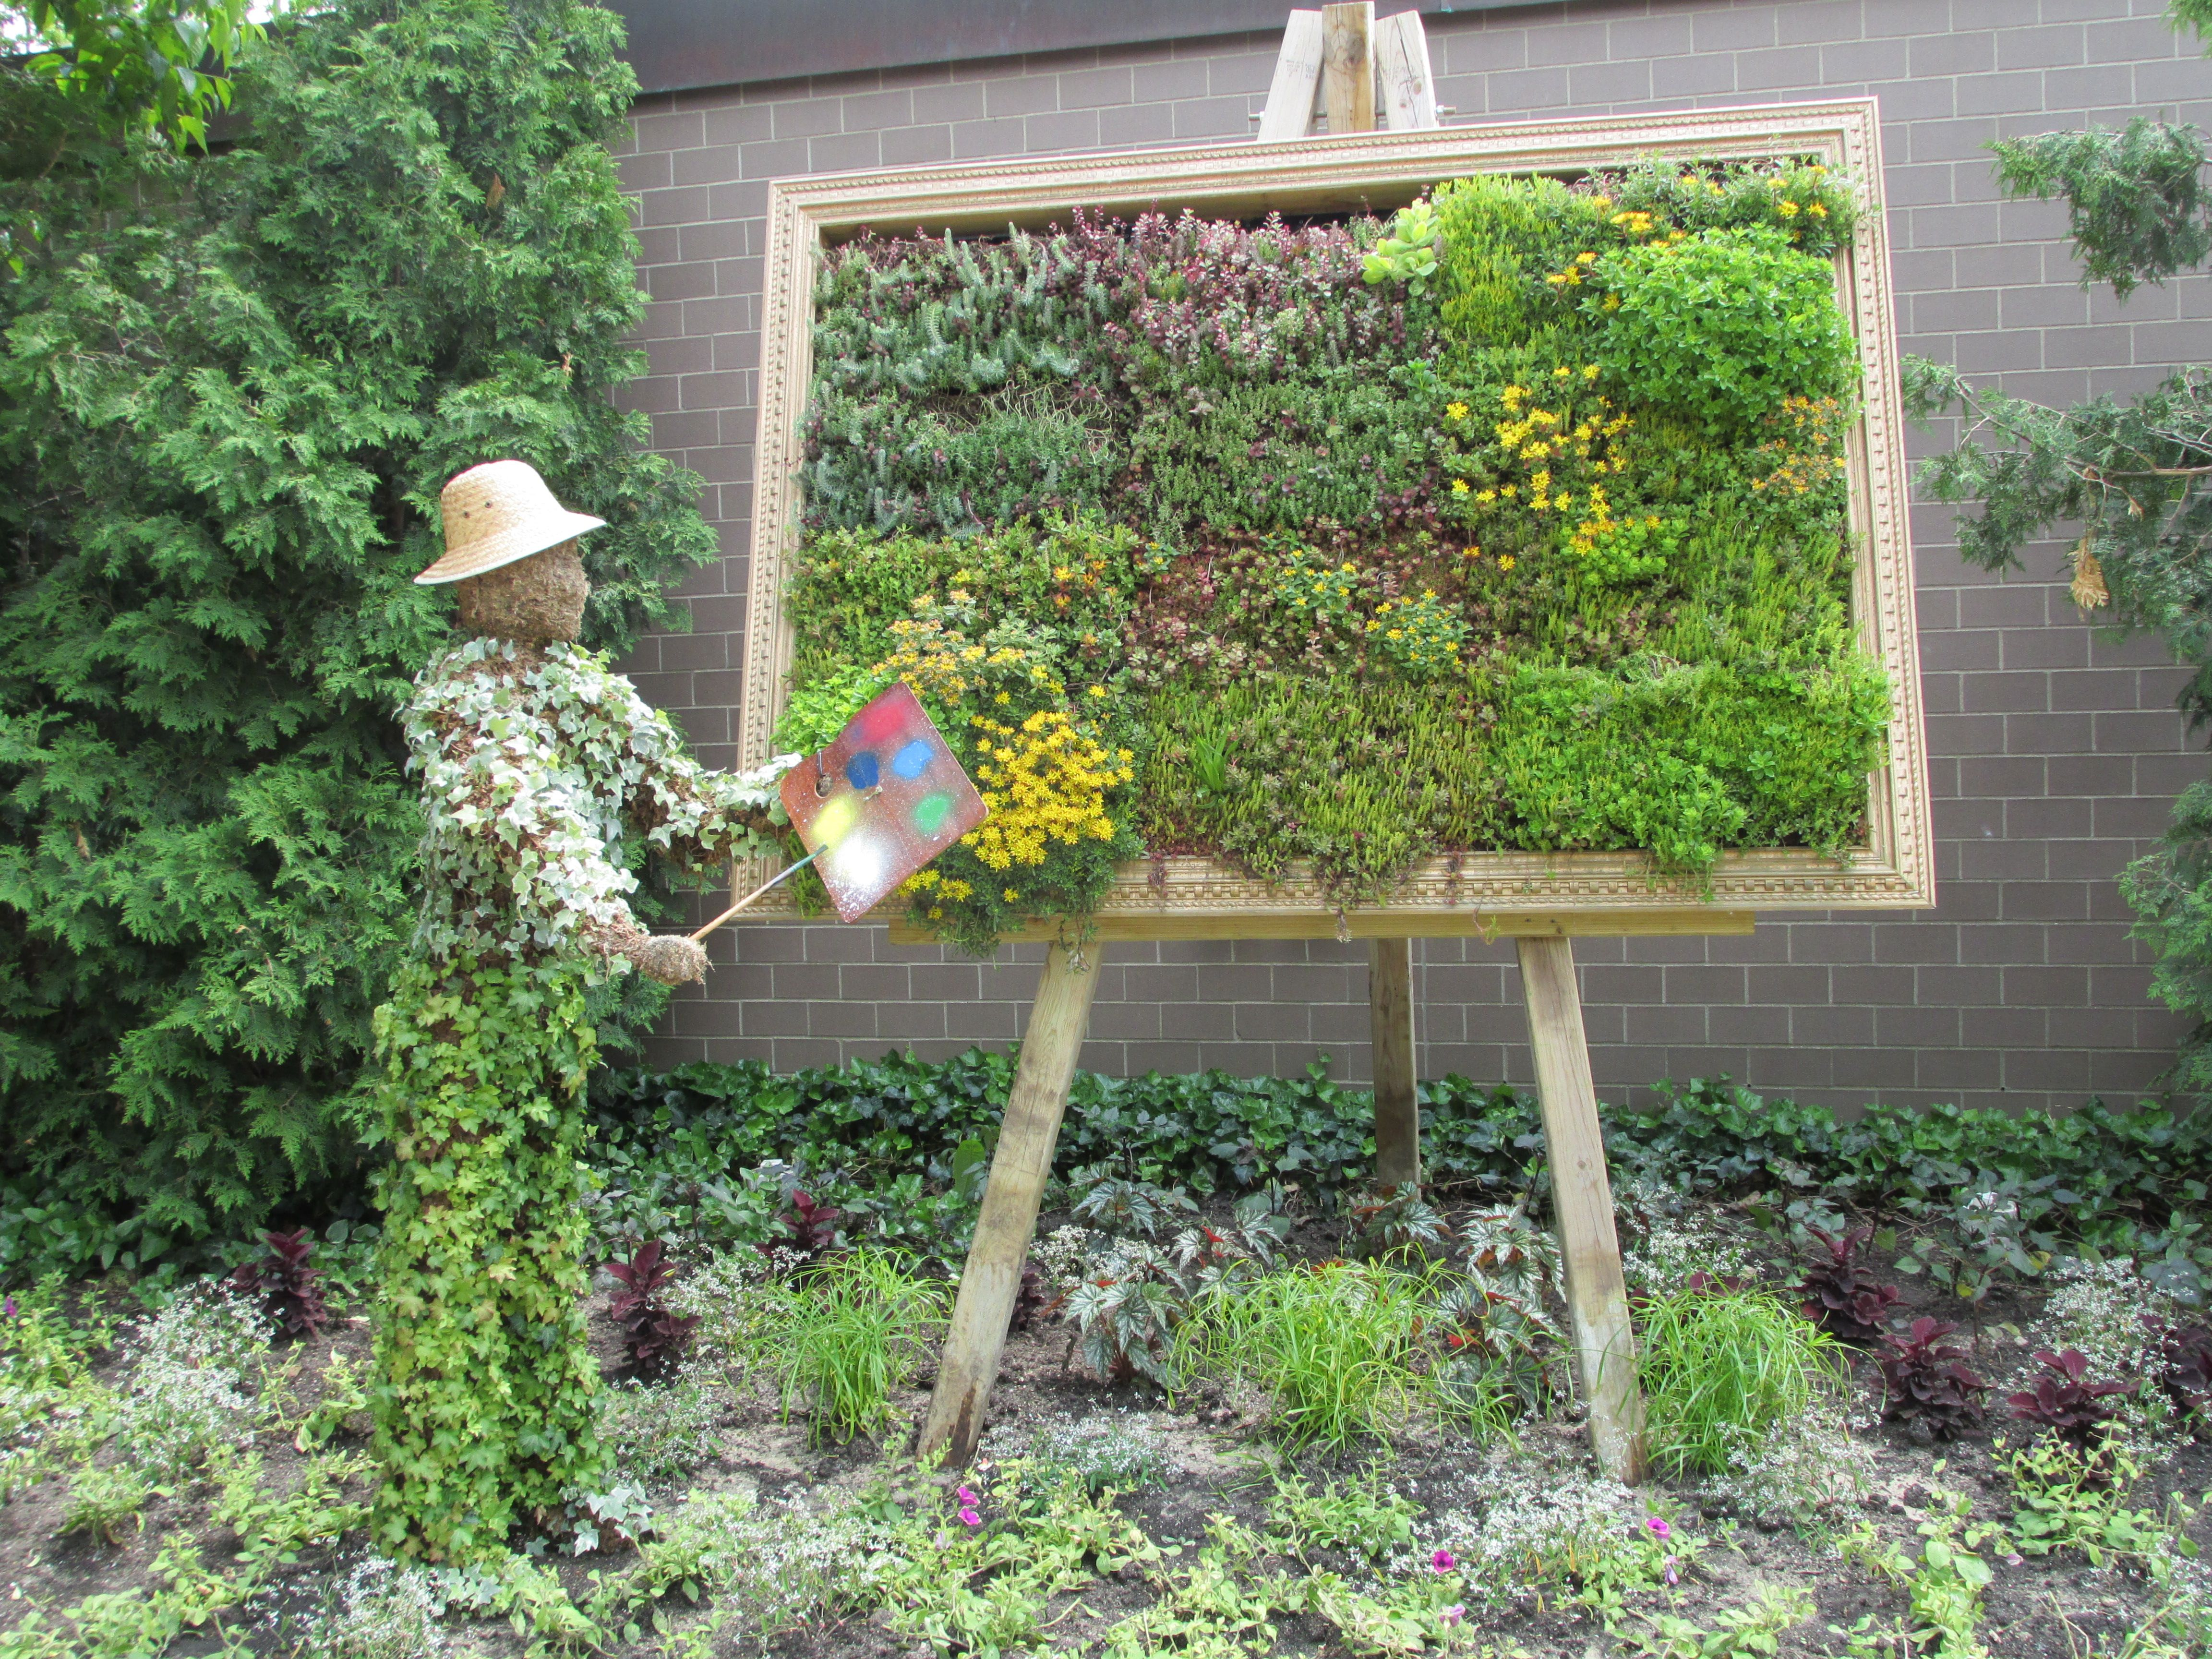 fdd25771a11522d10ff36cdc9d921107 - Frederik Meijer Gardens & Sculpture Park Events